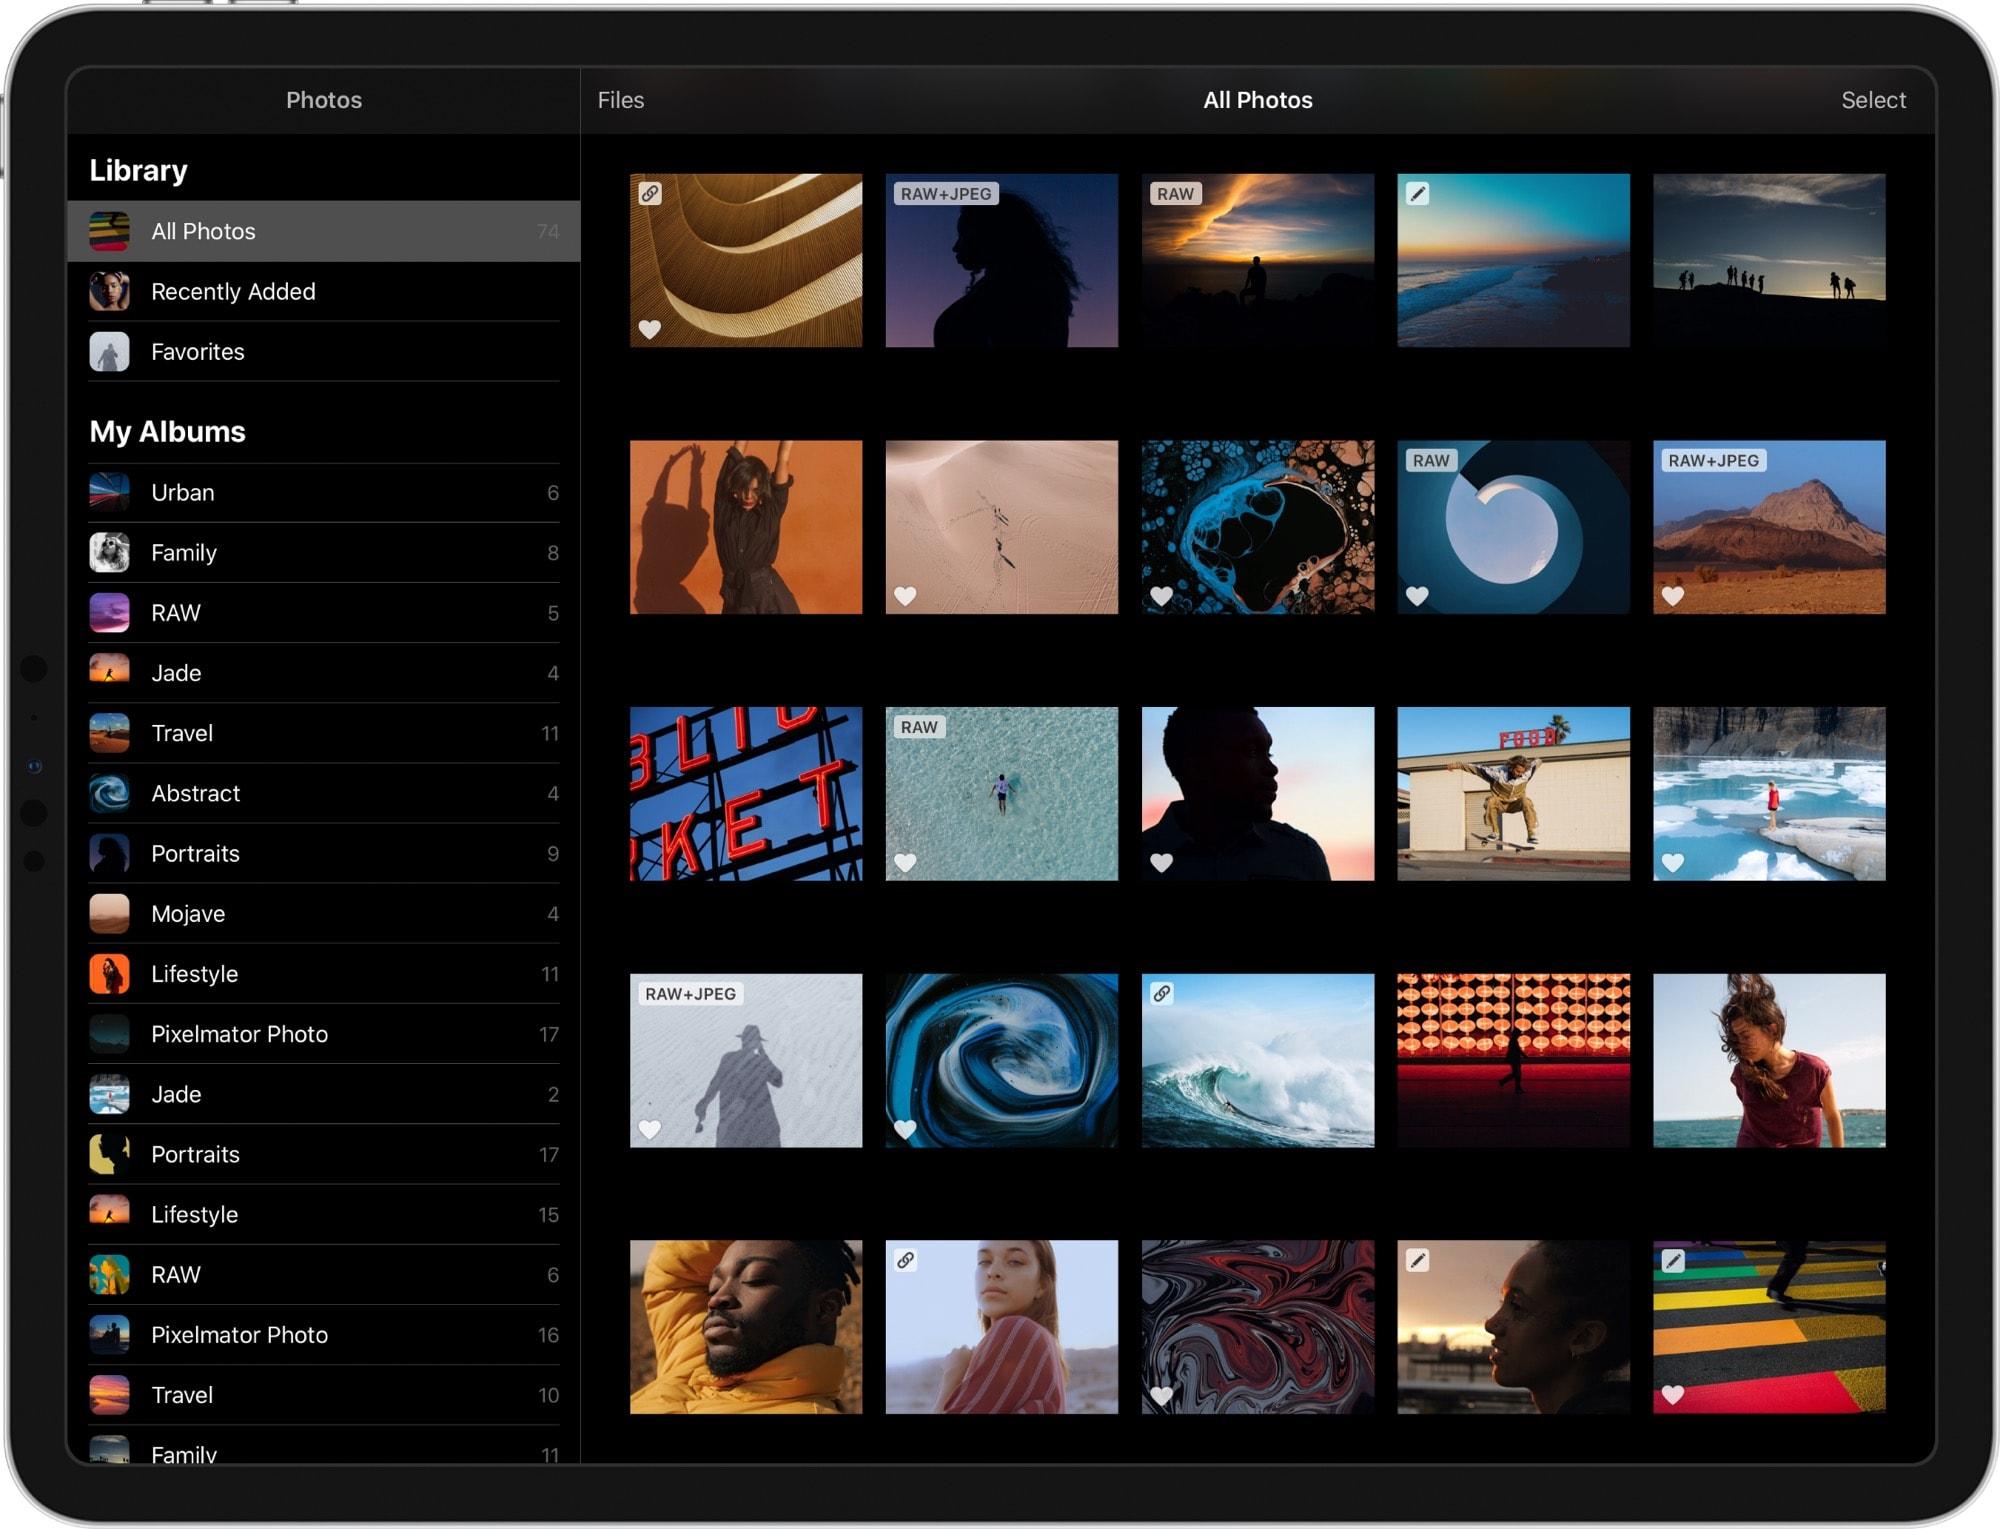 The new PixelMator Photo 1.1 beta.